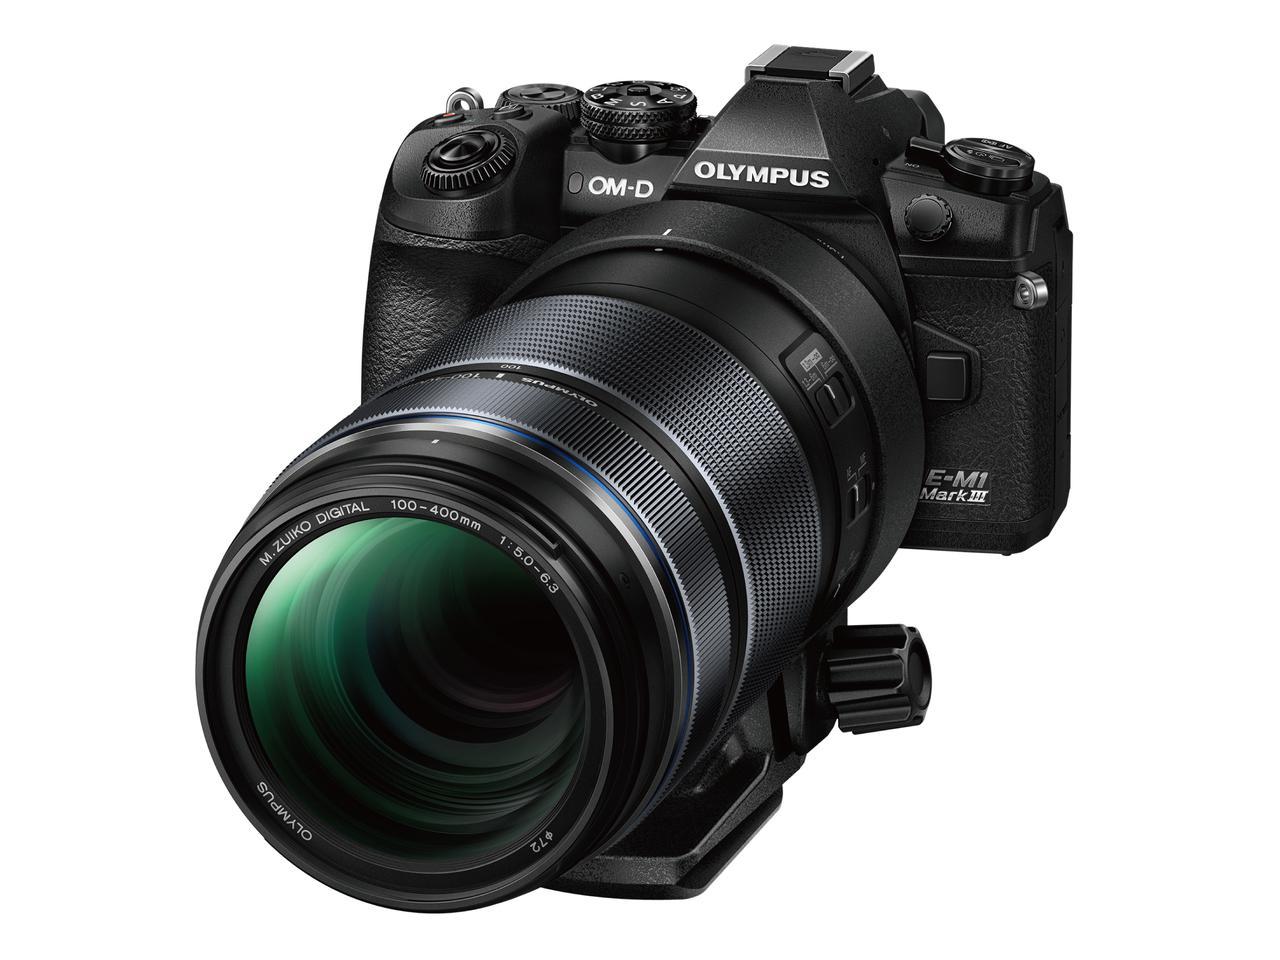 画像: OM-D E-M1 Mark IIIに装着したM.ZUIKO DIGITAL ED 100-400mm F5.0-6.3 IS